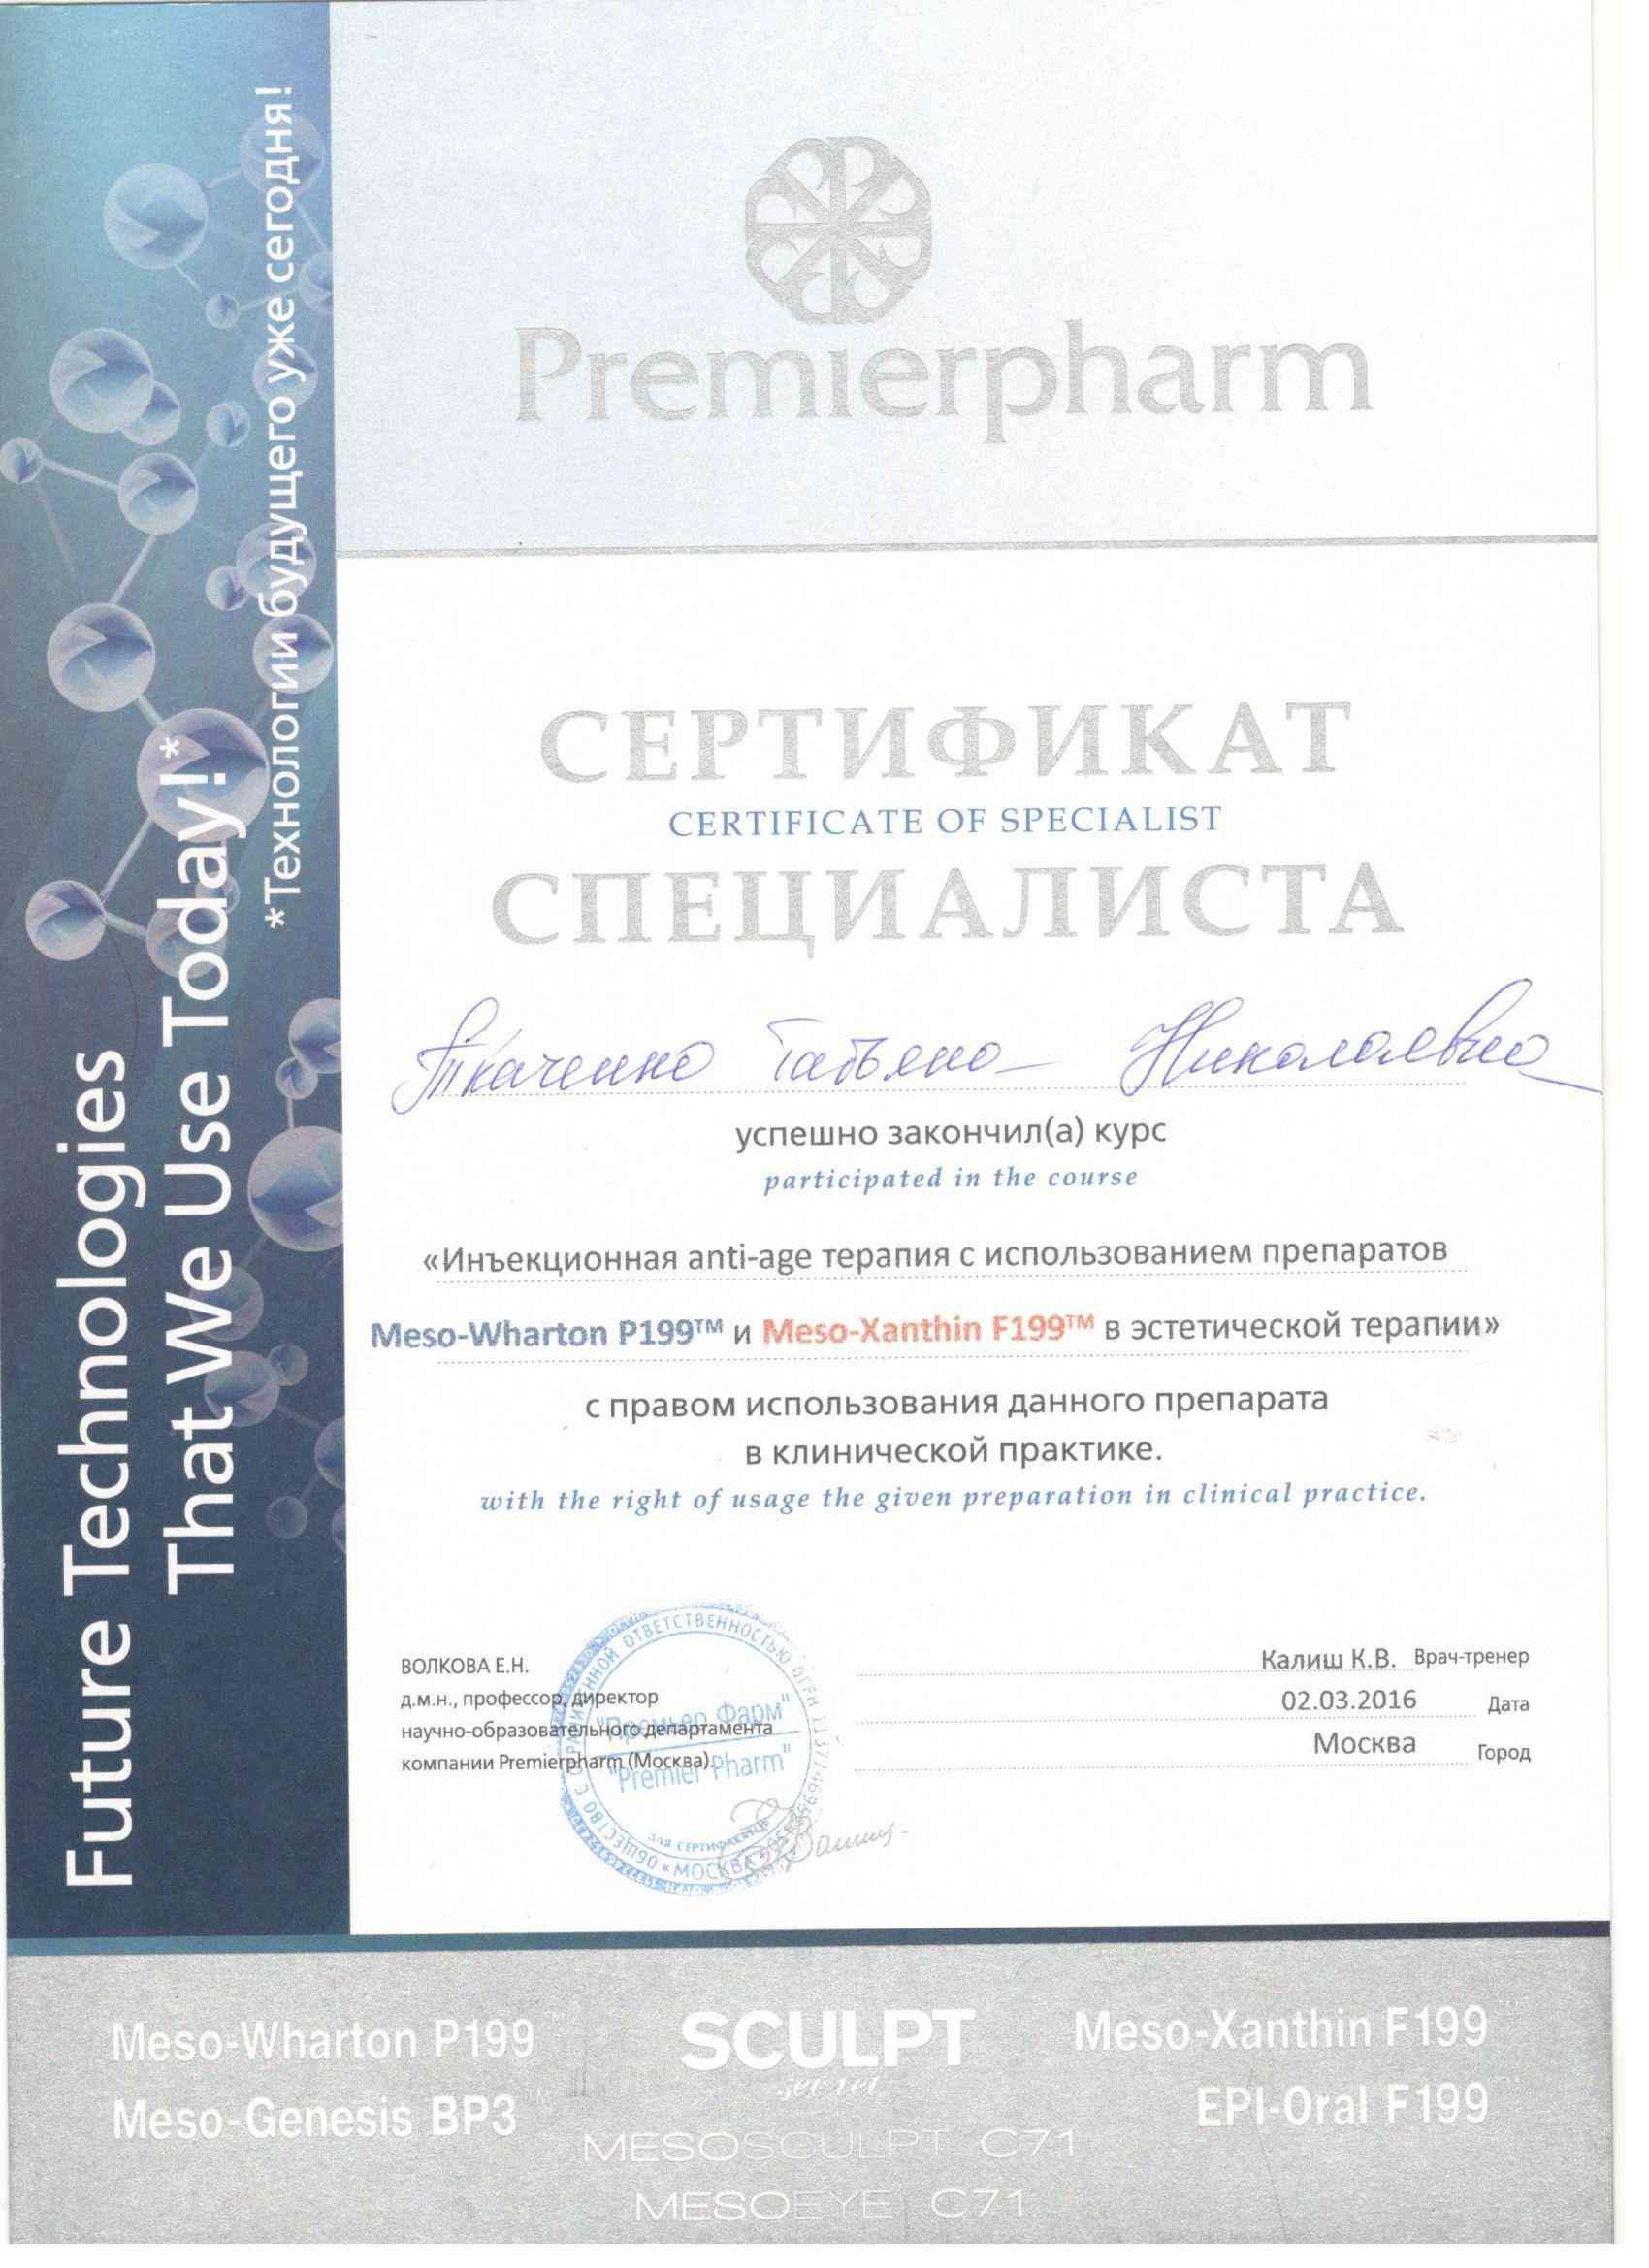 """2016 Курс """"Инъекционная anti-age терапия с использованием препаратов Meso-Wharton P199 и Meso-Xanthin f199 в эстетической терапии"""""""